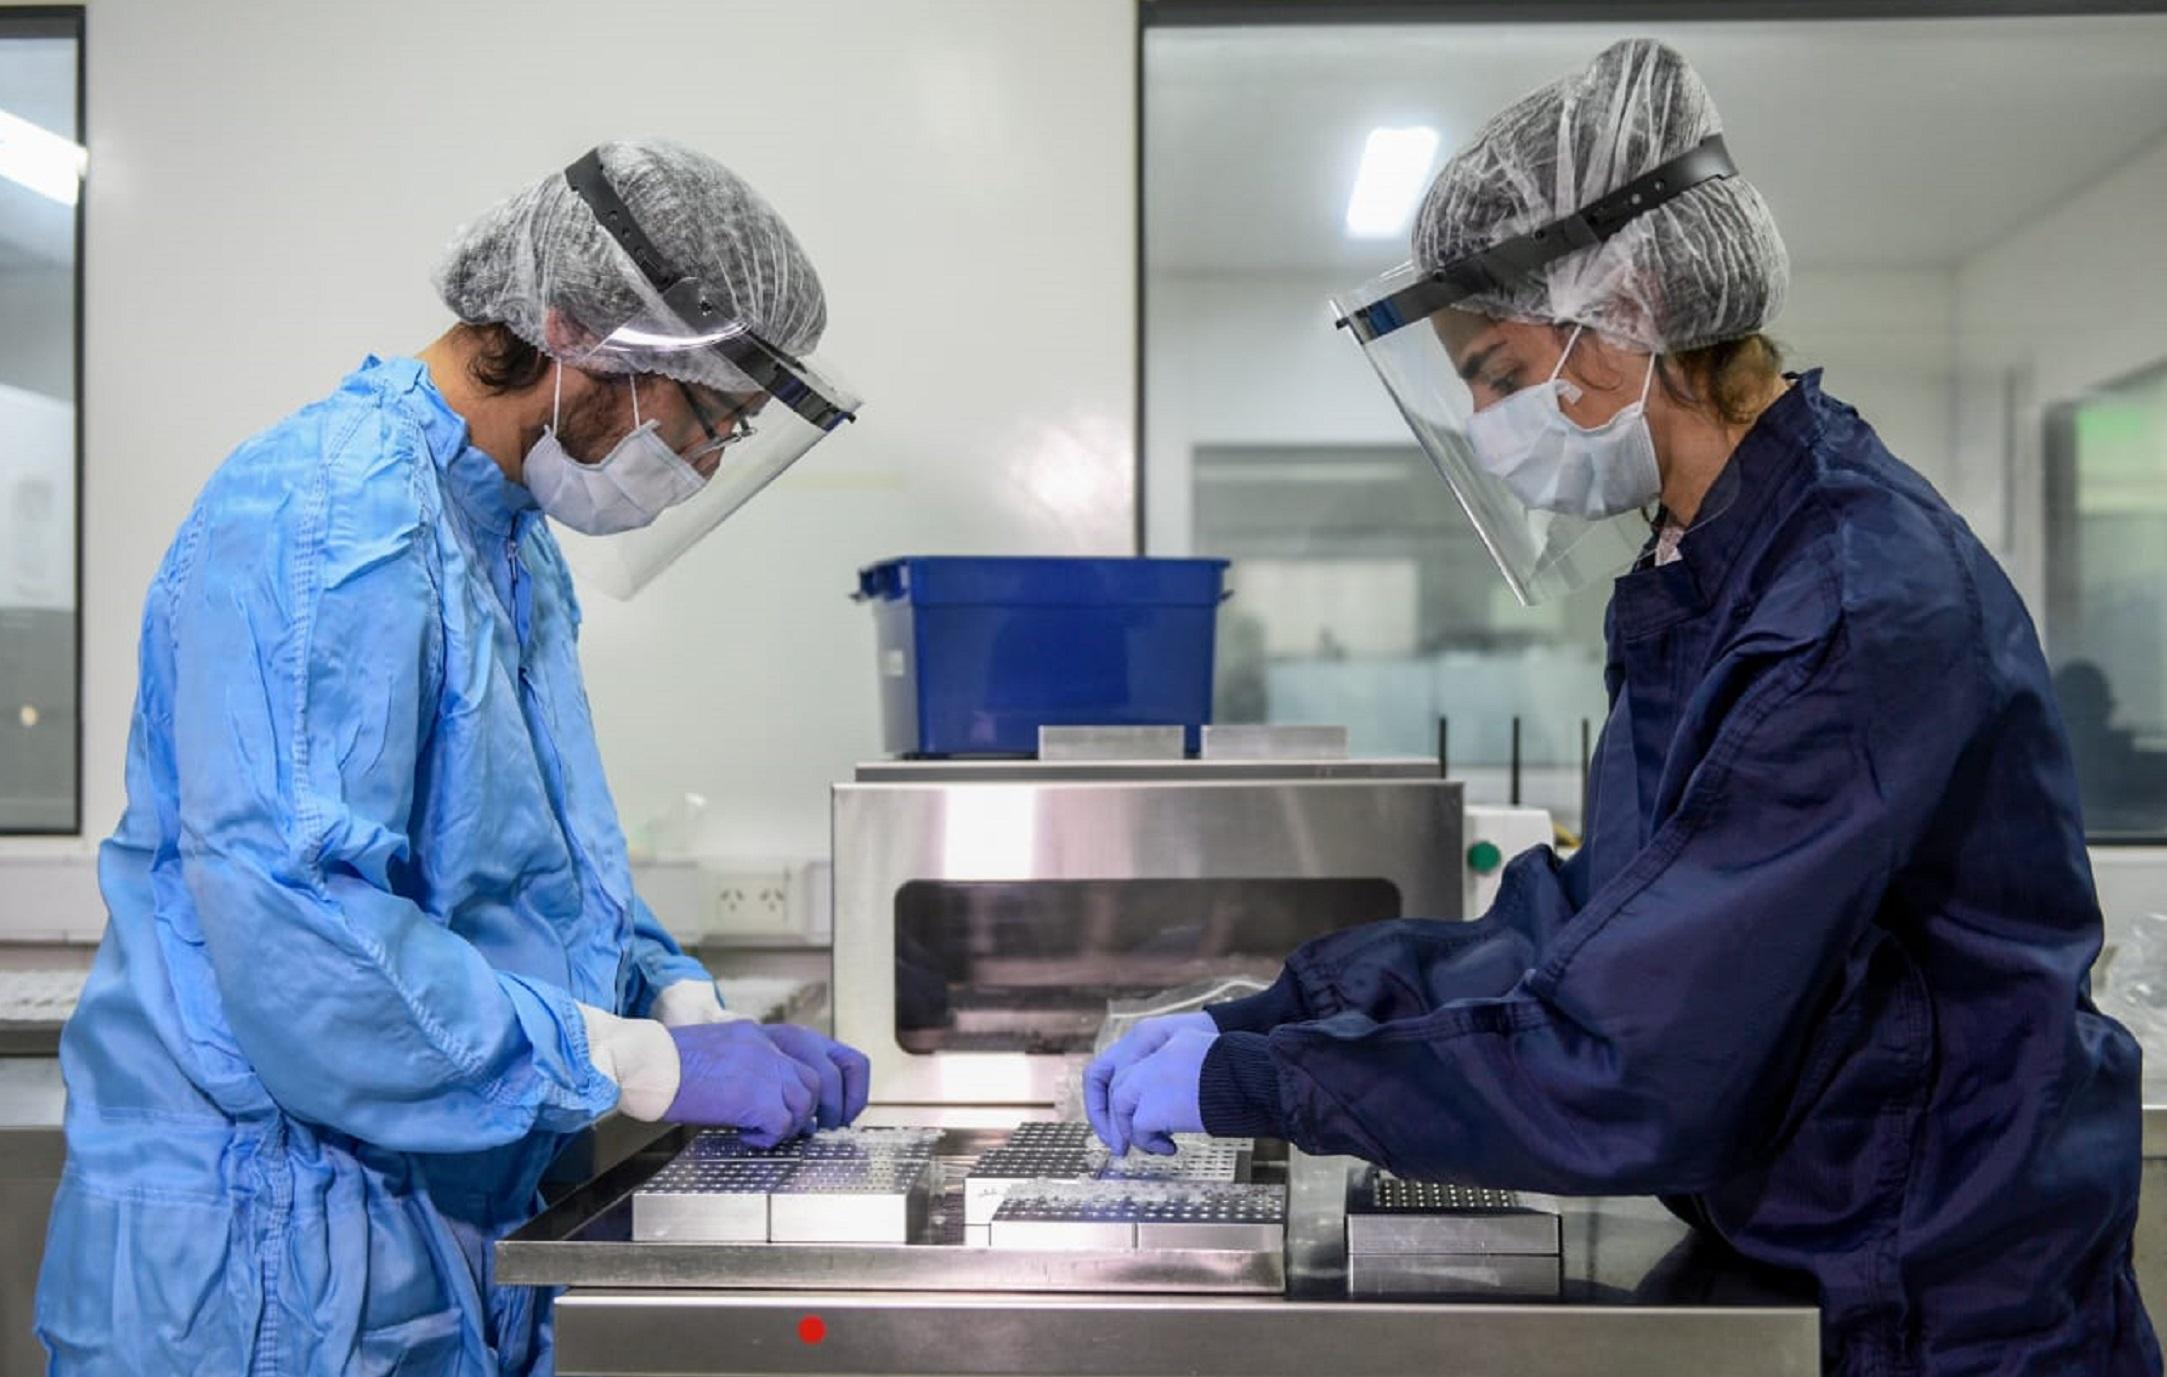 NEOKIT-COVID 19 es un test para la detección de Coronavirus de alta confiabilidad, facilidad de uso, rapidez de diagnóstico y menor costo.